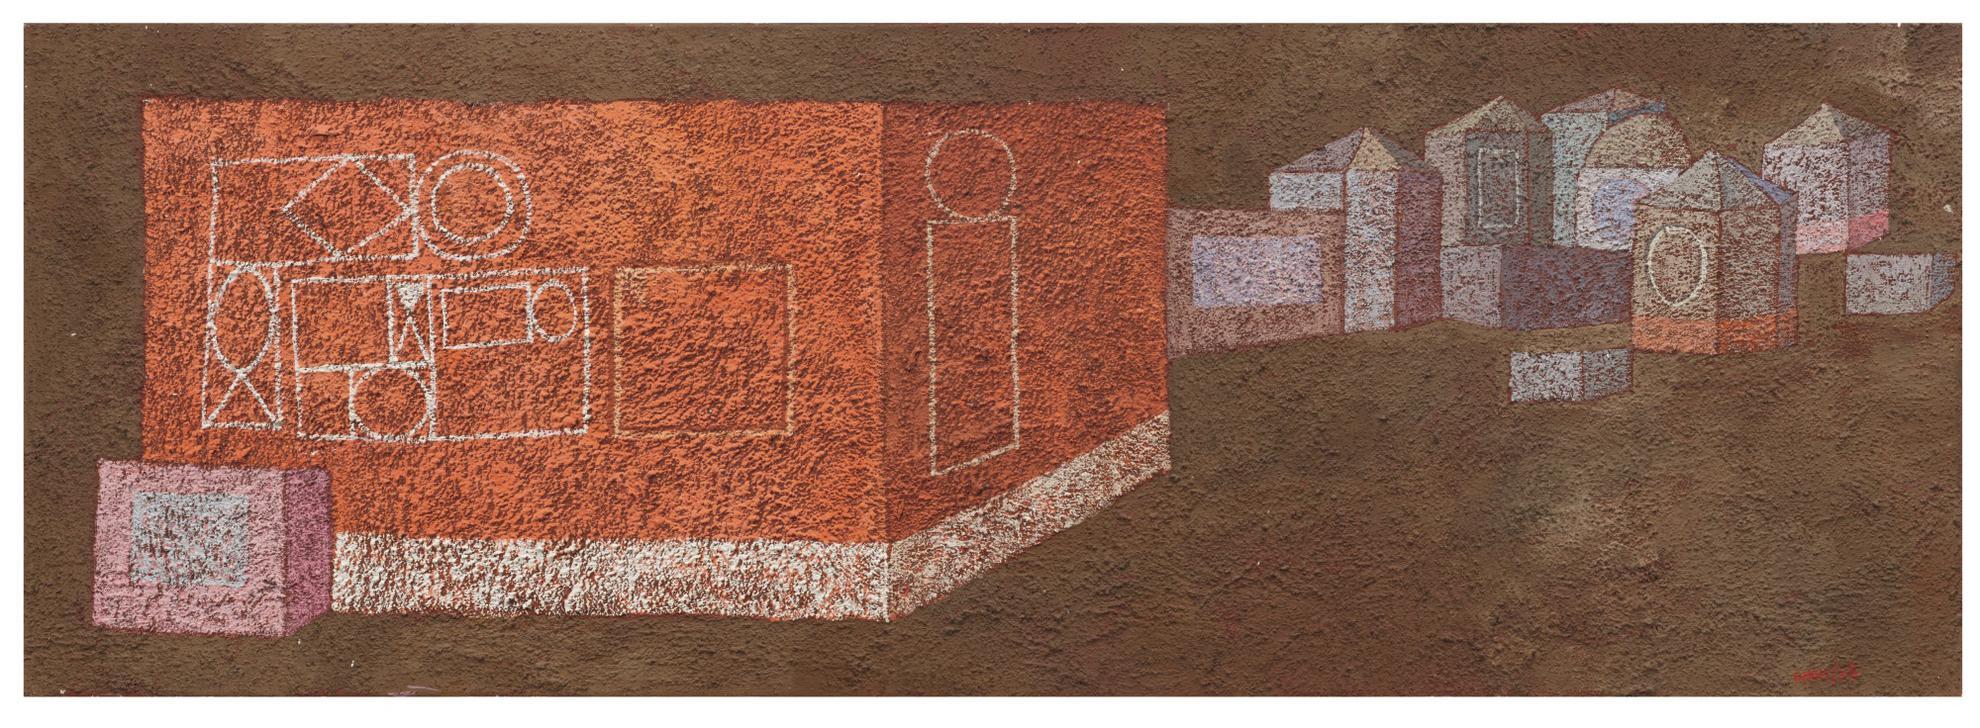 Domenico Gnoli-Casa Rossa-1958